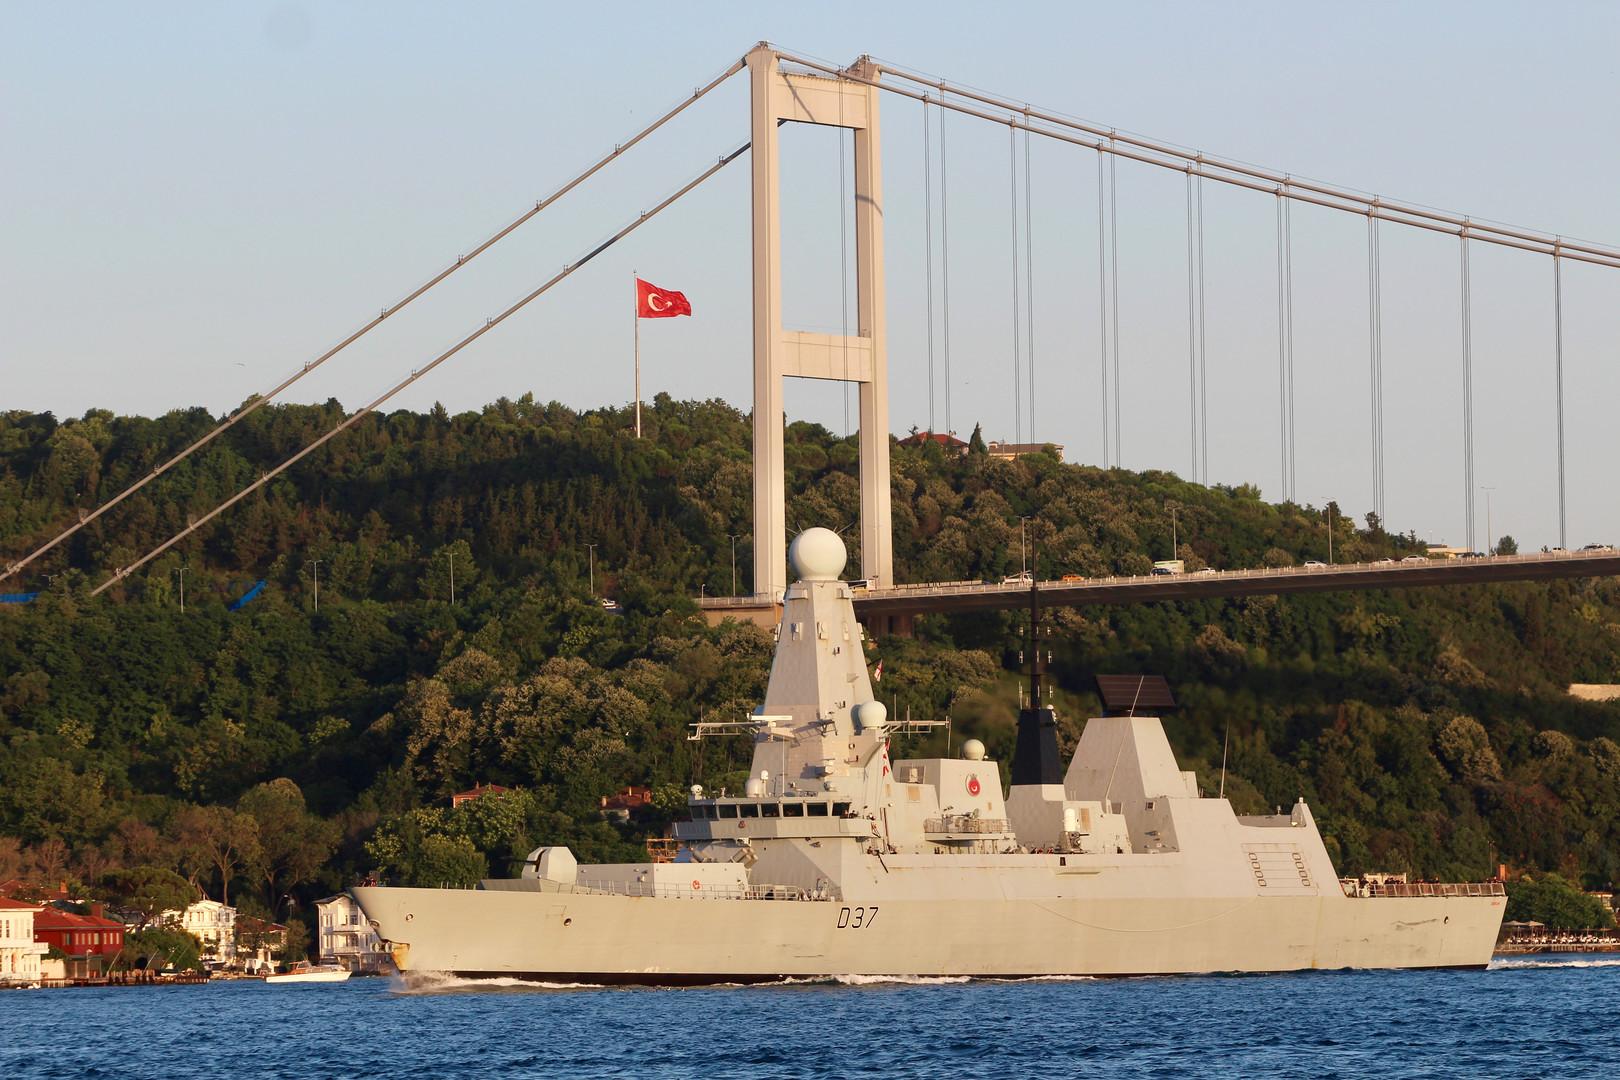 الأسطول الروسي على أهبة الاستعداد بعد دخول سفن للناتو مياه البحر الأسود